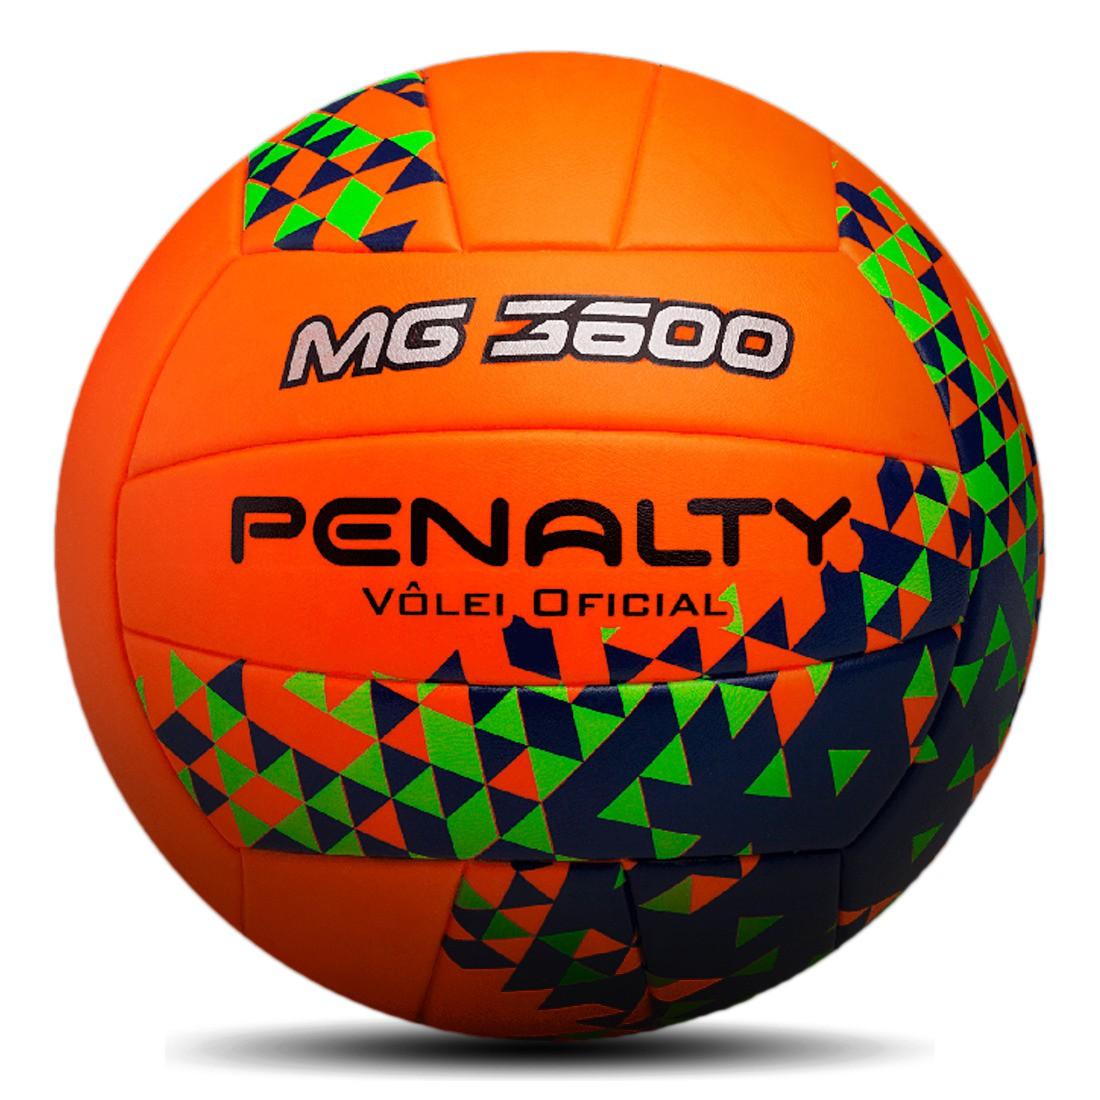 Bola de Vôlei Penalty 3600 Fusion VIII